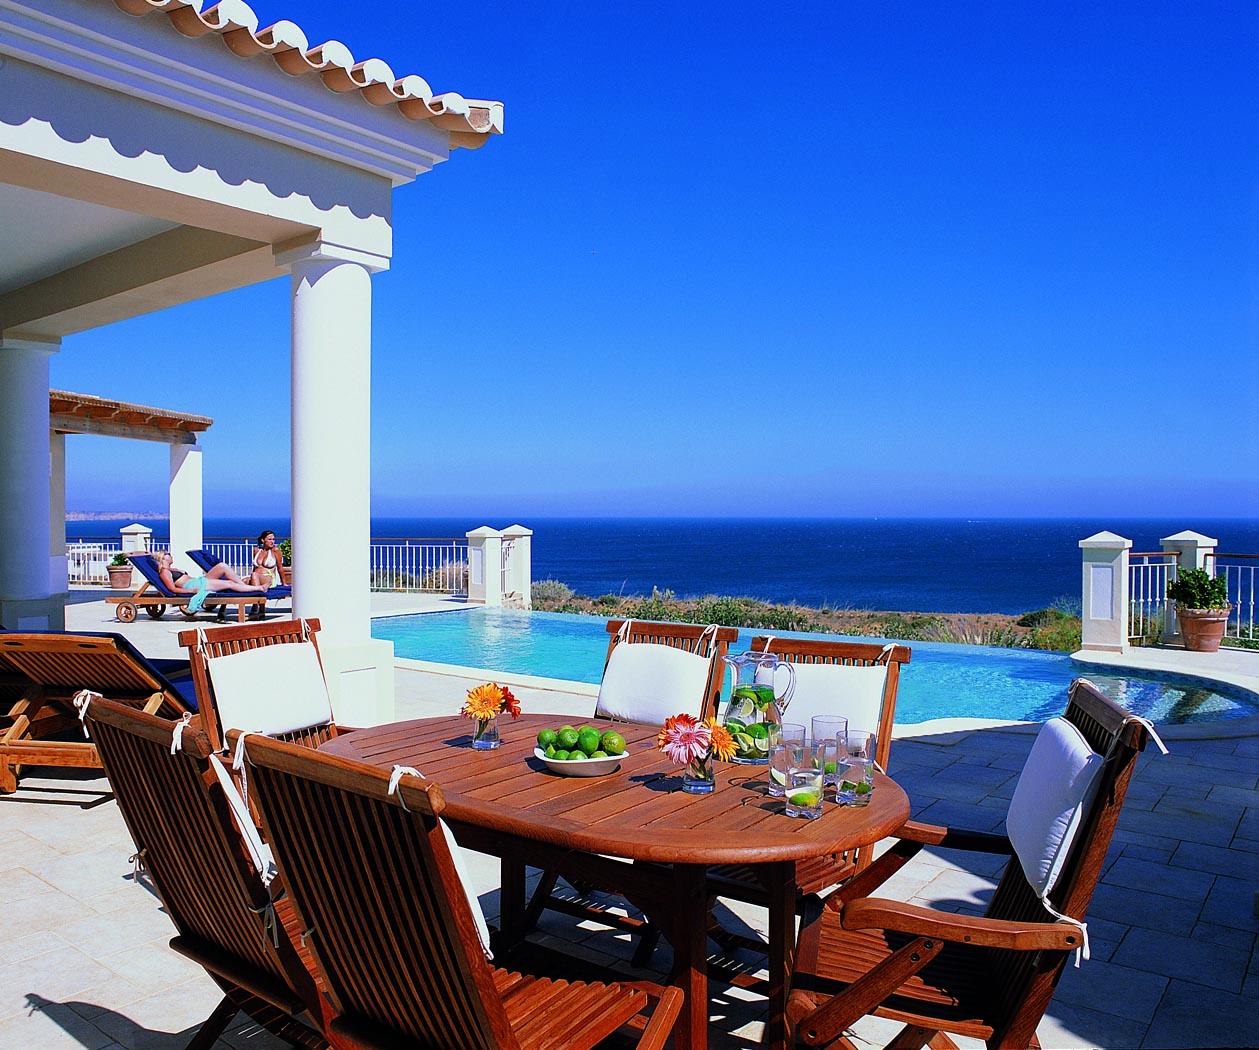 Algarve Stunning Villa with Sea Views in Praia da Luz  - Praia da Luz